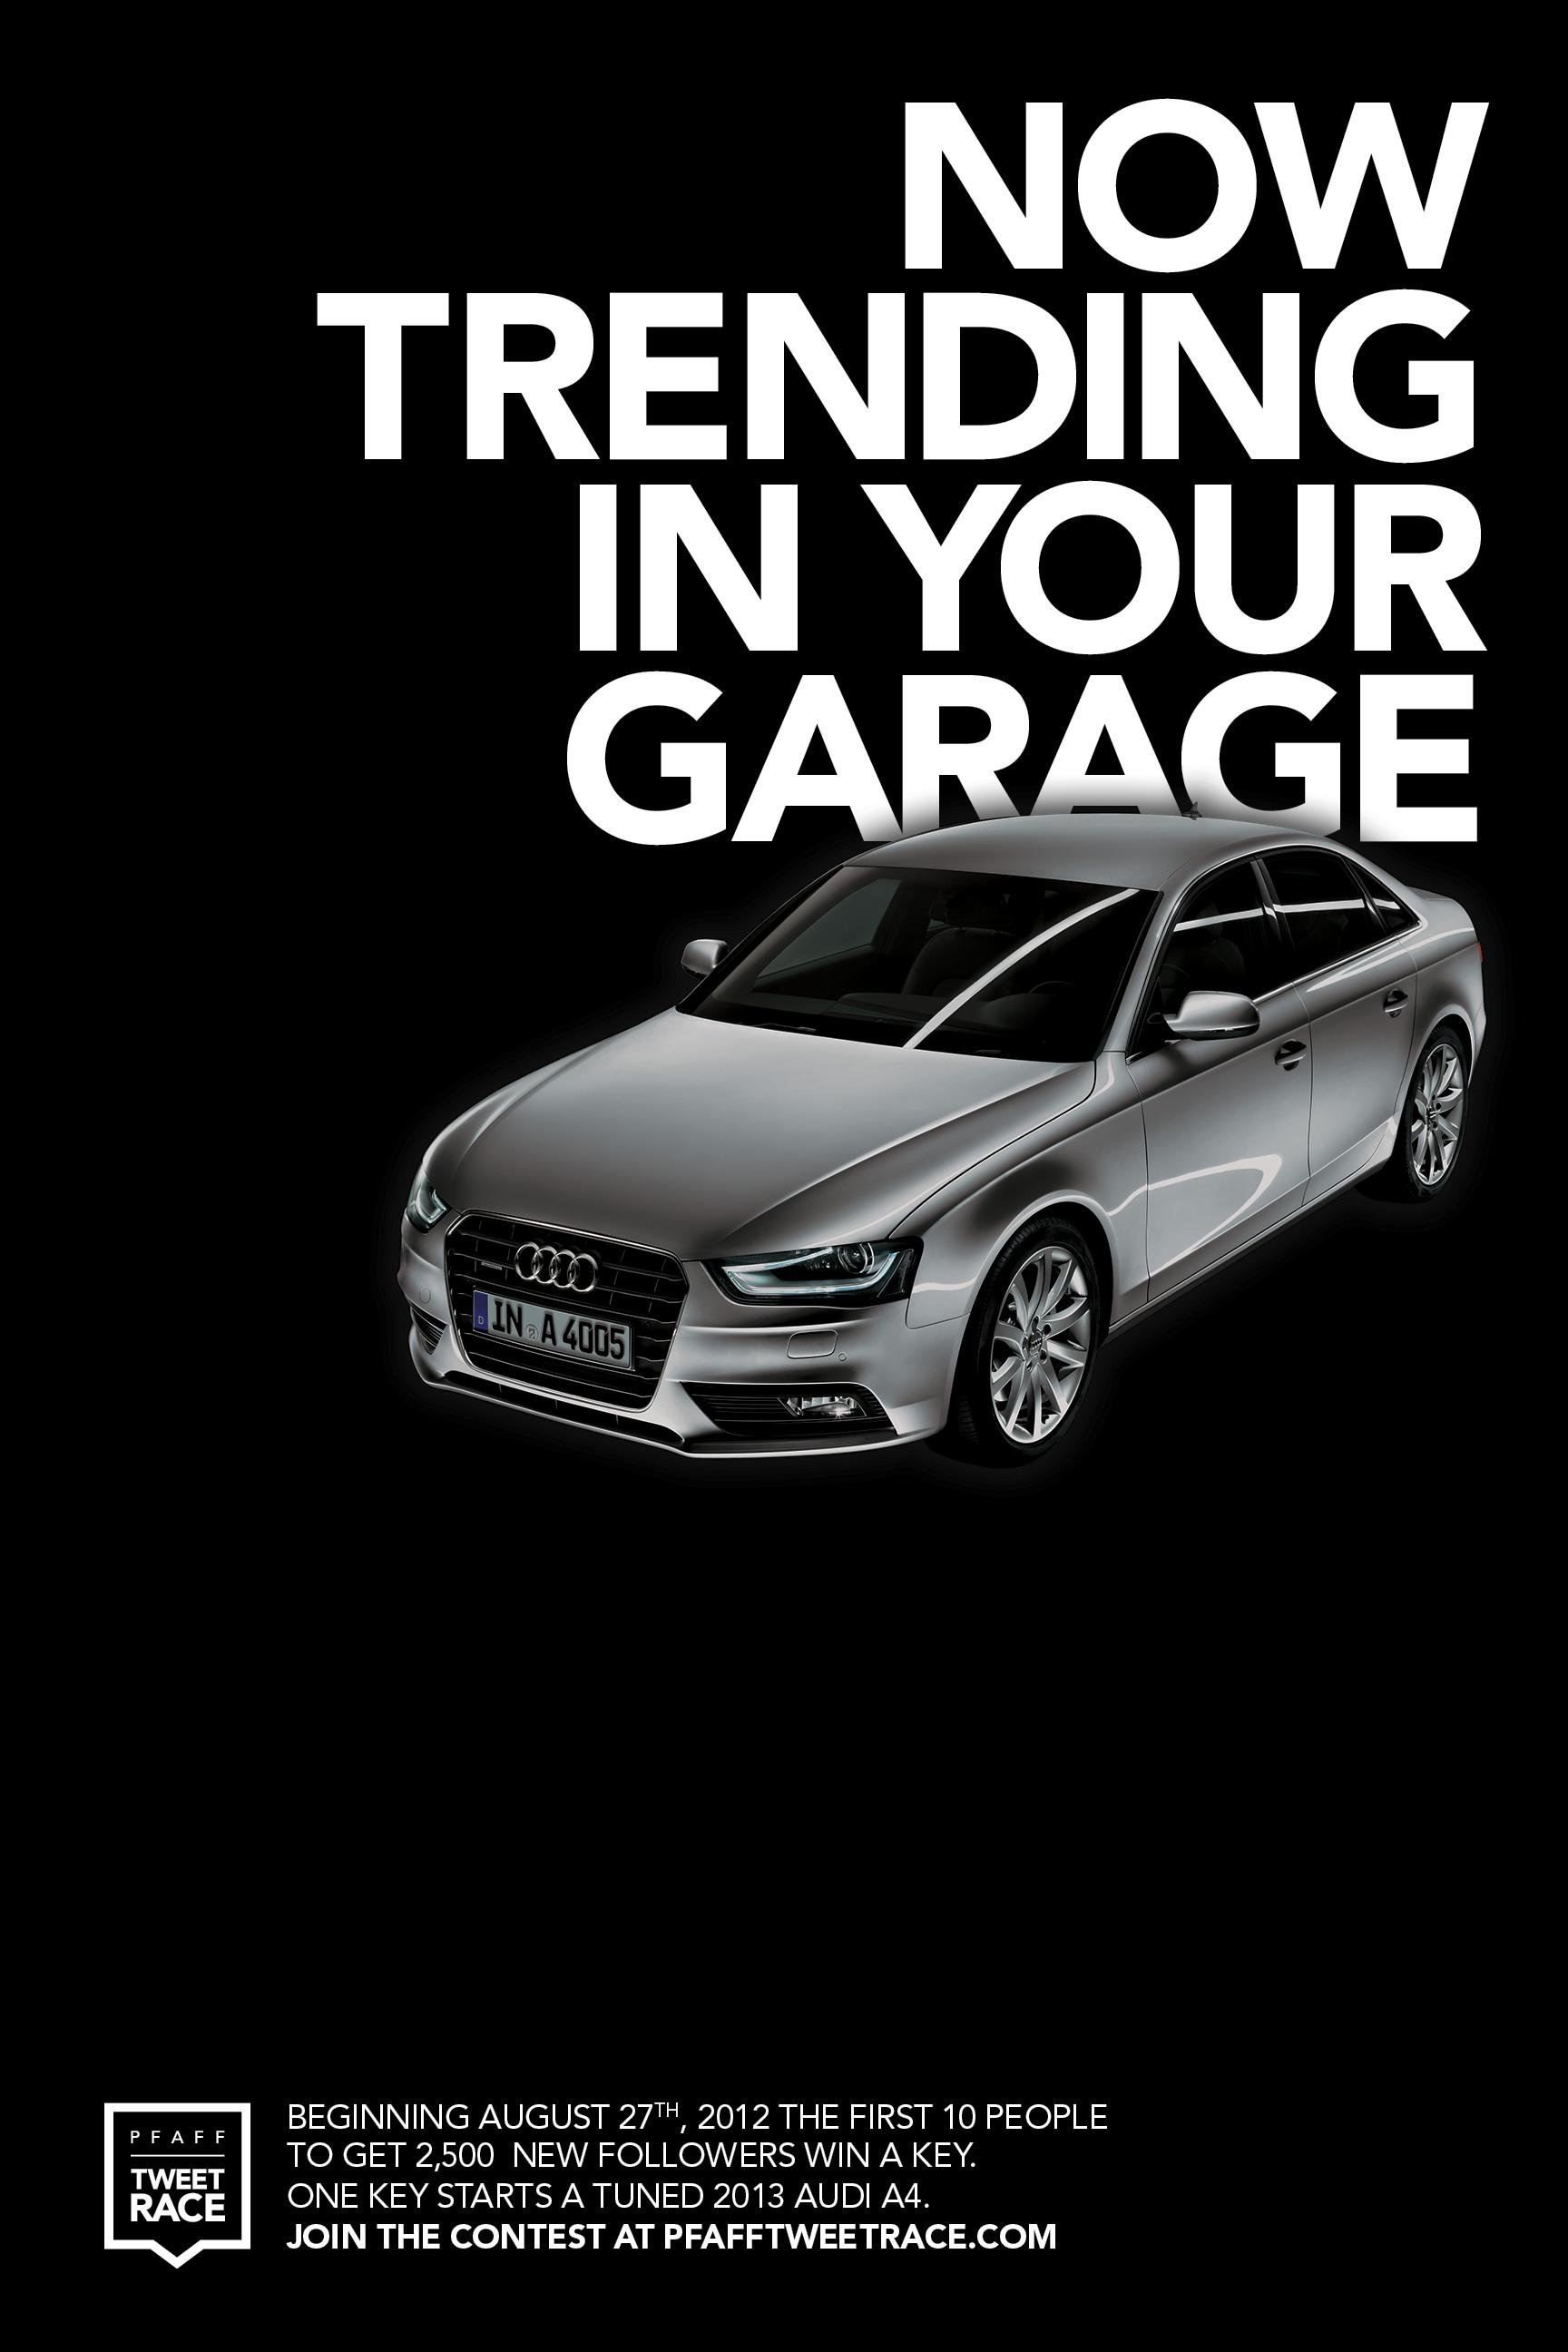 Un Audi A4, a 2.500 seguidores de Twitter de distancia